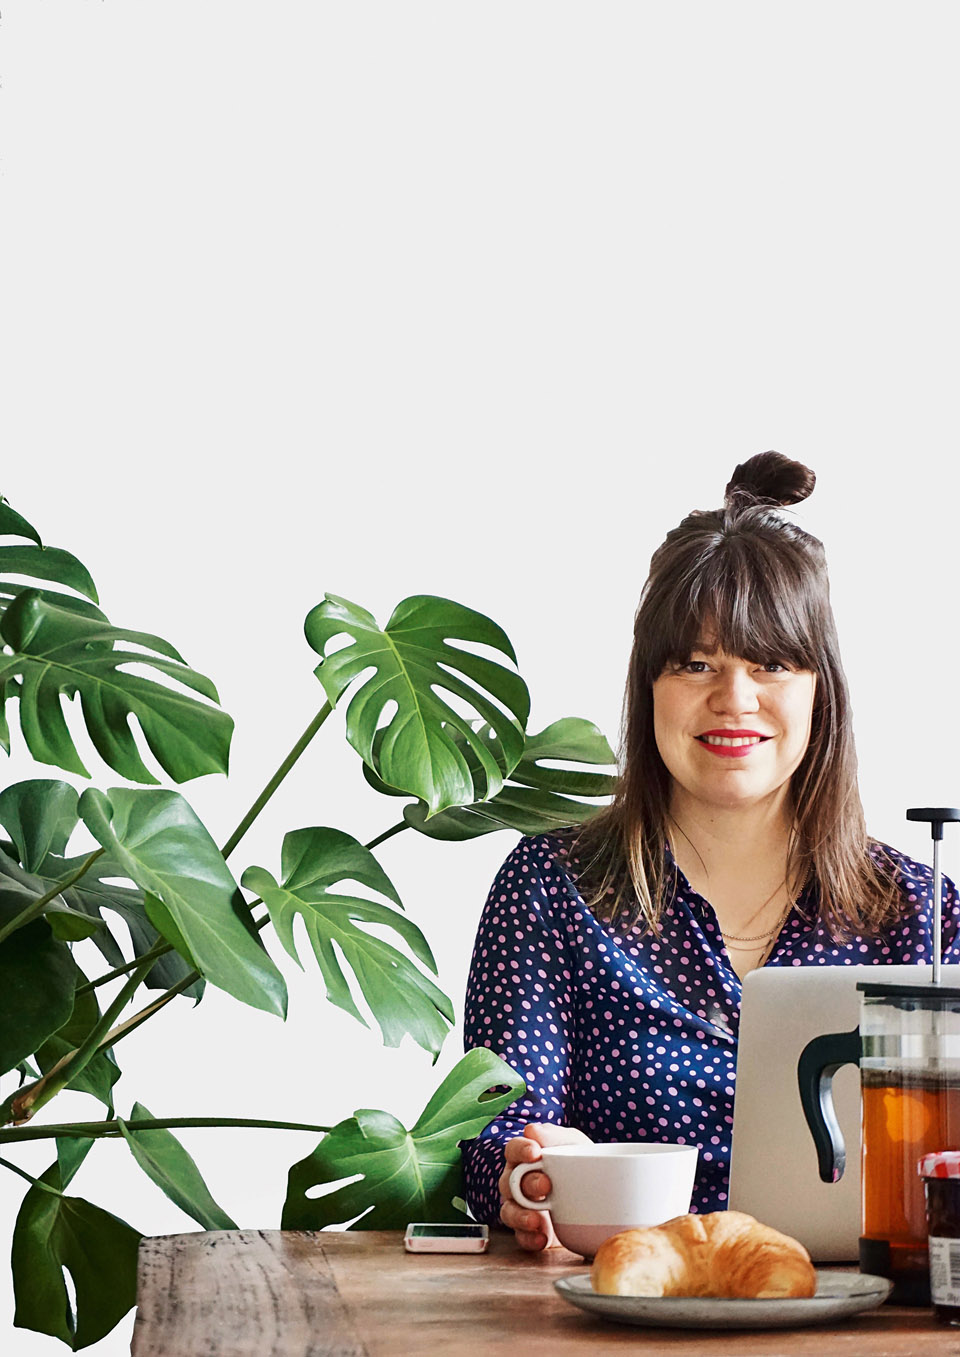 Buchtipp, Einfach mal machen, Guide für Gründerinnen, Interview mit Autorin Katharina Katz, Tipps zum Gründen, Selbstständigkeit, Selbstständig machen,